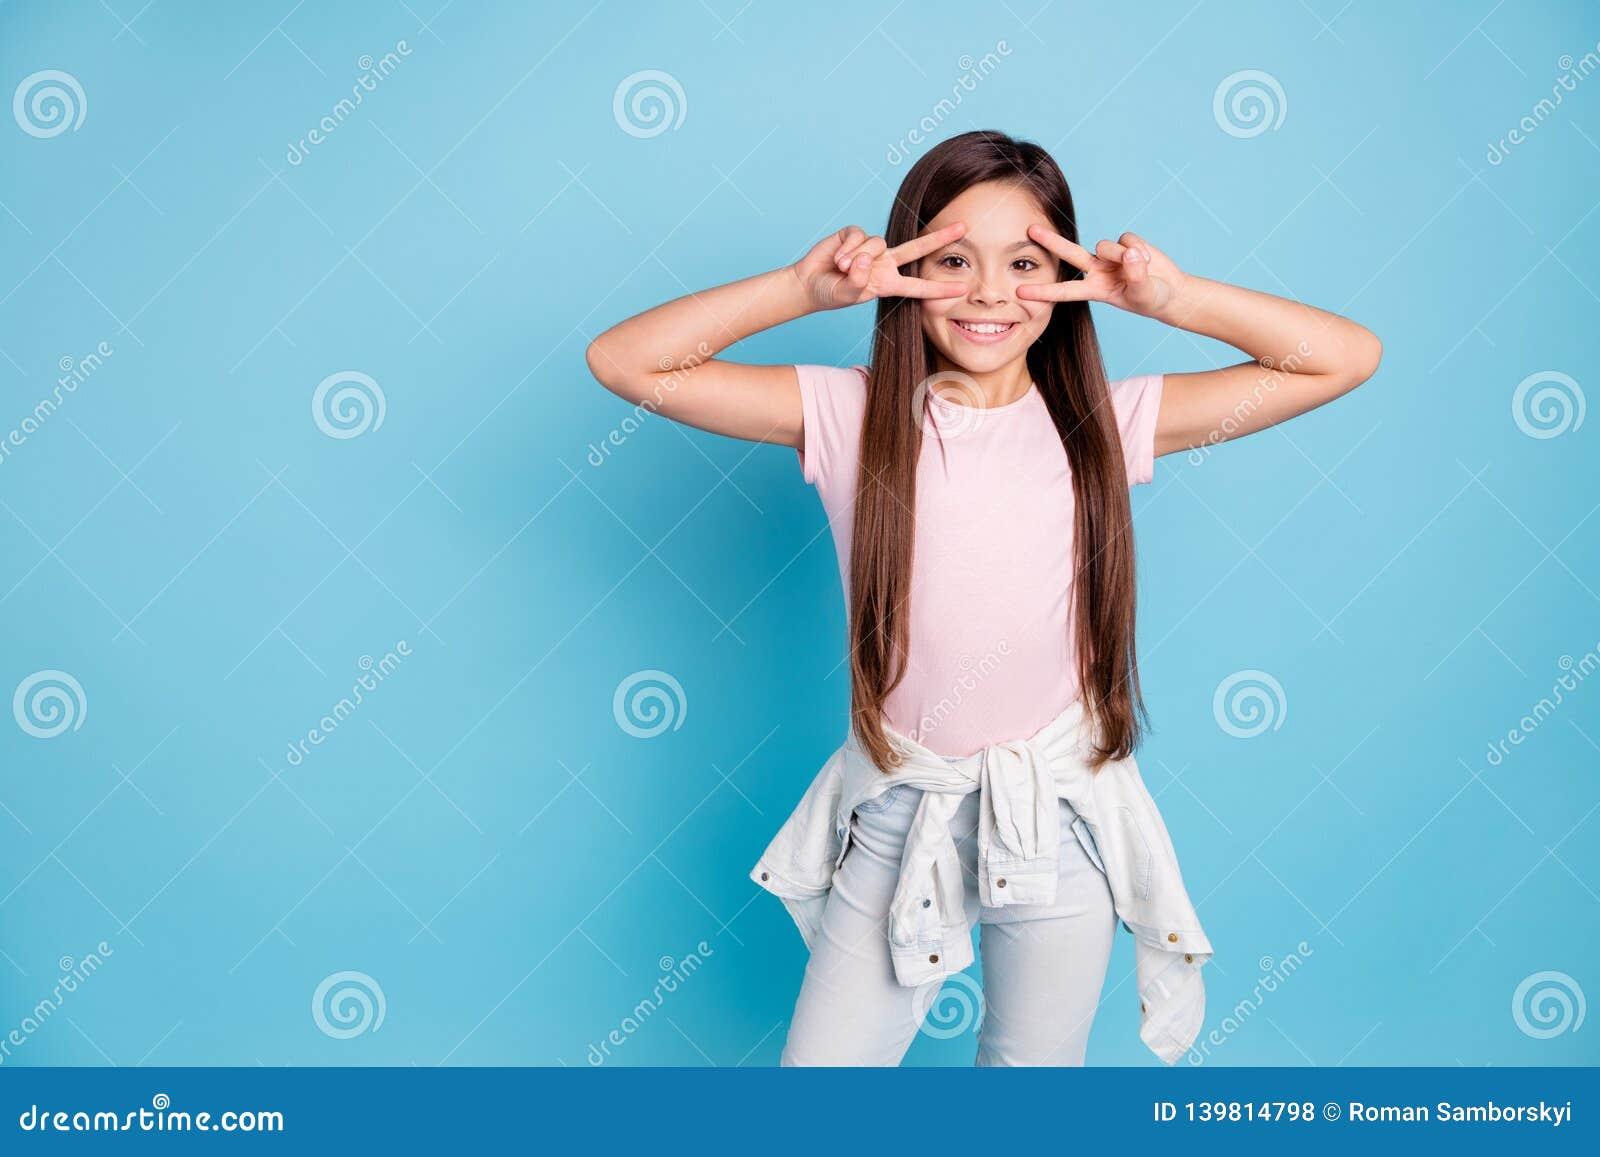 Πορτρέτο της αυτή ελκυστικός χαριτωμένος καλός αστείος καλά-καλλωπισμένος γλυκό ελκυστικός εύθυμος χαρωπός ευθύς-μαλλιαρός